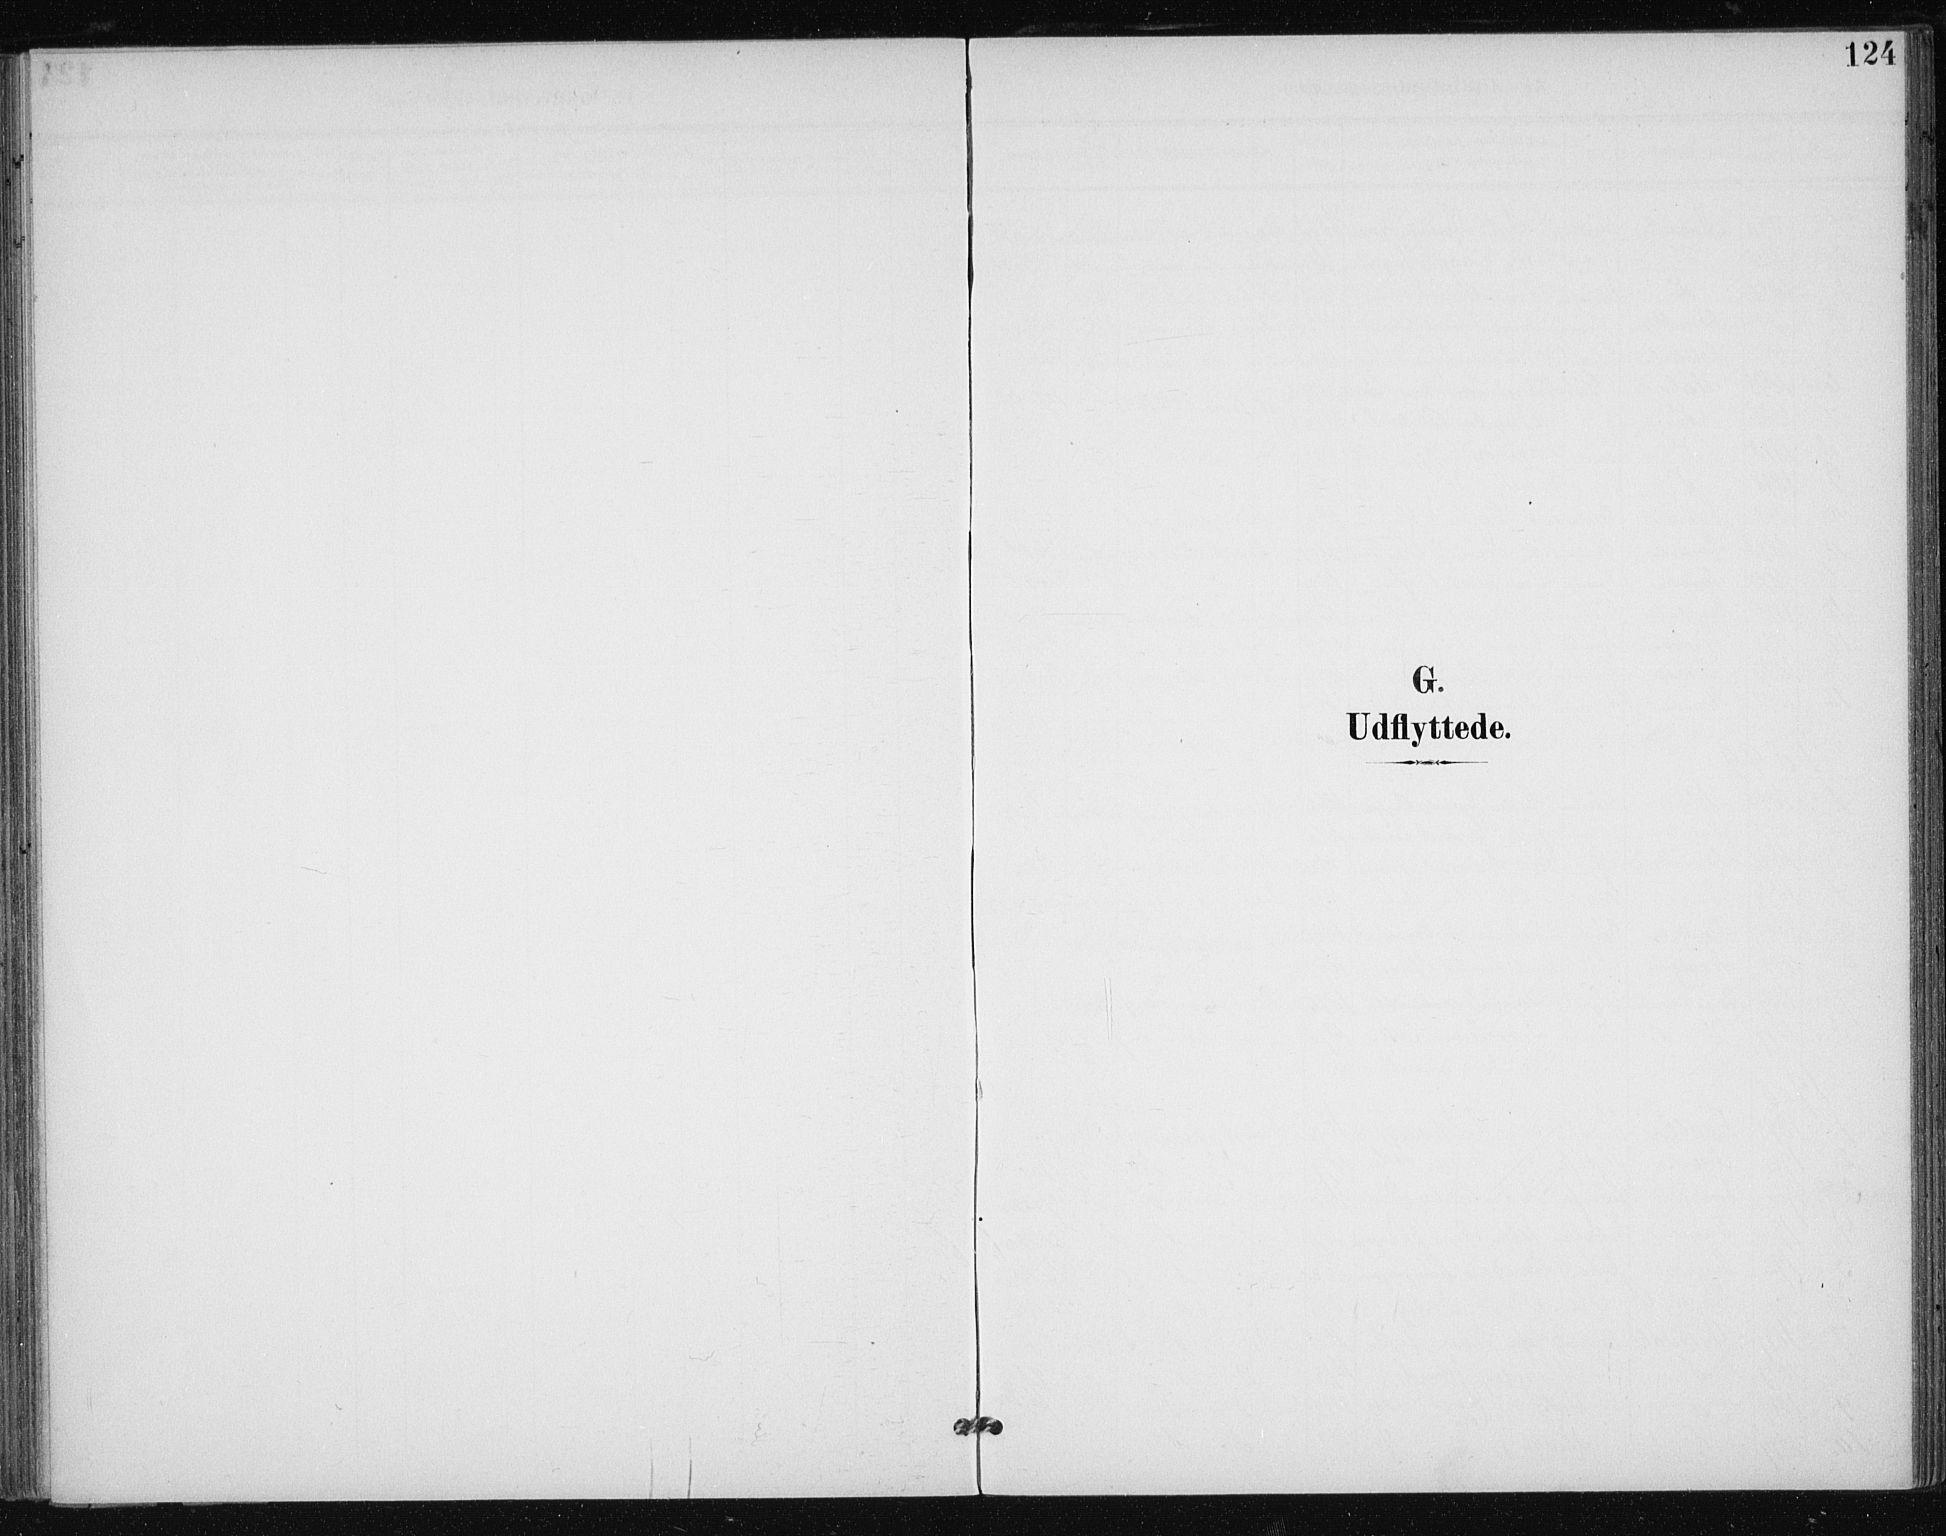 SAT, Ministerialprotokoller, klokkerbøker og fødselsregistre - Sør-Trøndelag, 612/L0380: Ministerialbok nr. 612A12, 1898-1907, s. 124